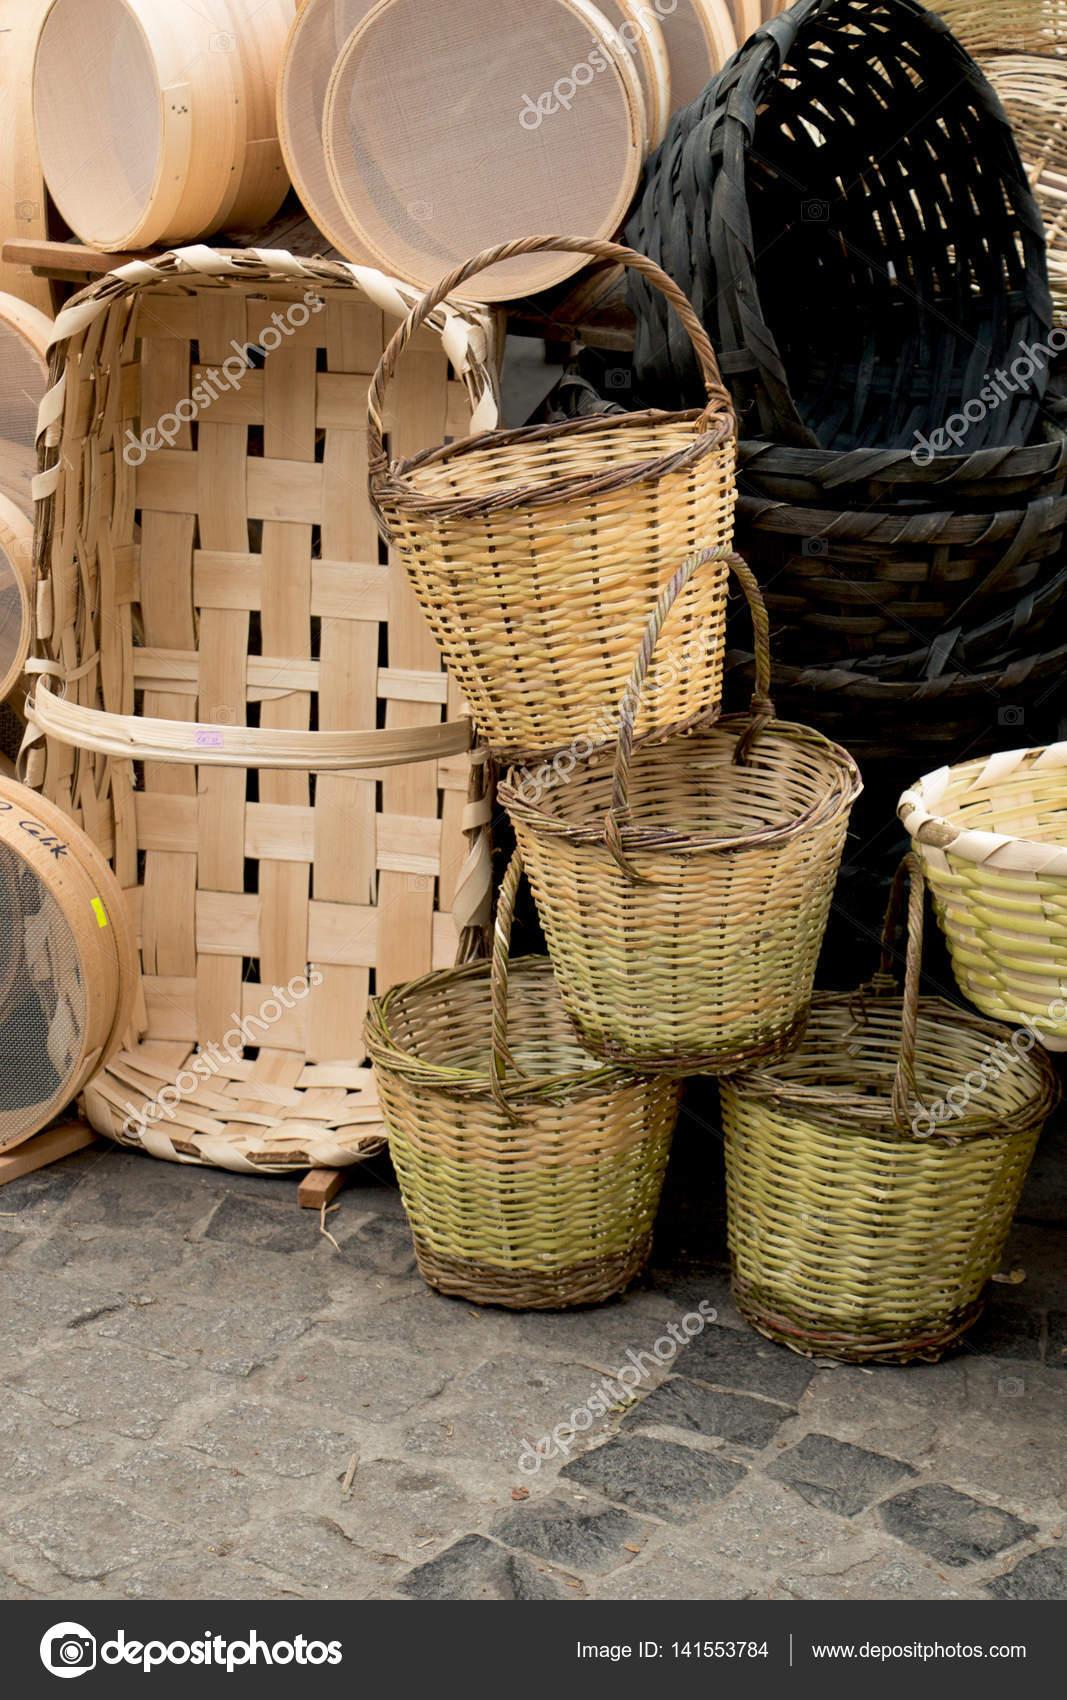 9cc00bf10ea Άδειο ψάθινα καλάθια προς πώληση σε μια αγορά — Φωτογραφία Αρχείου ...